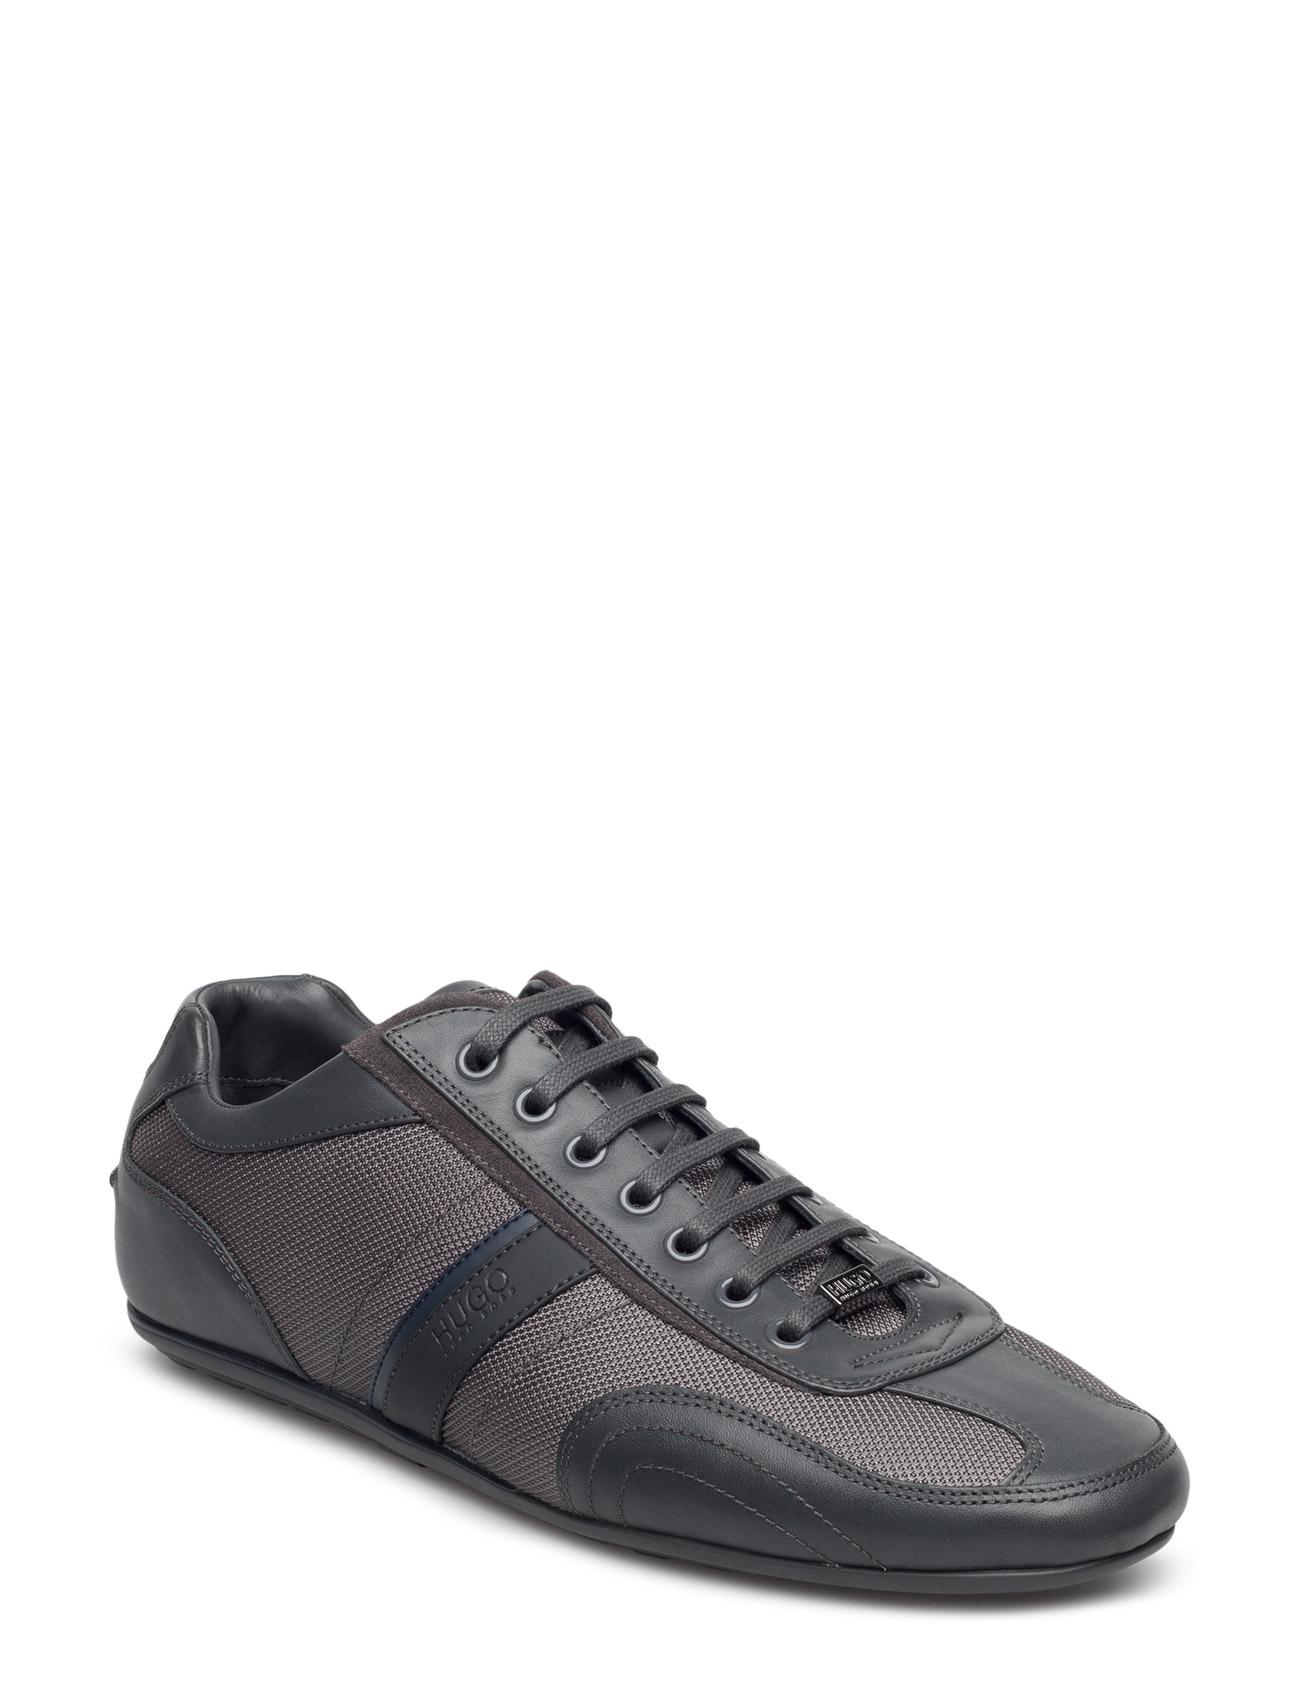 Thatoz HUGO Sneakers til Mænd i Mørkegrå